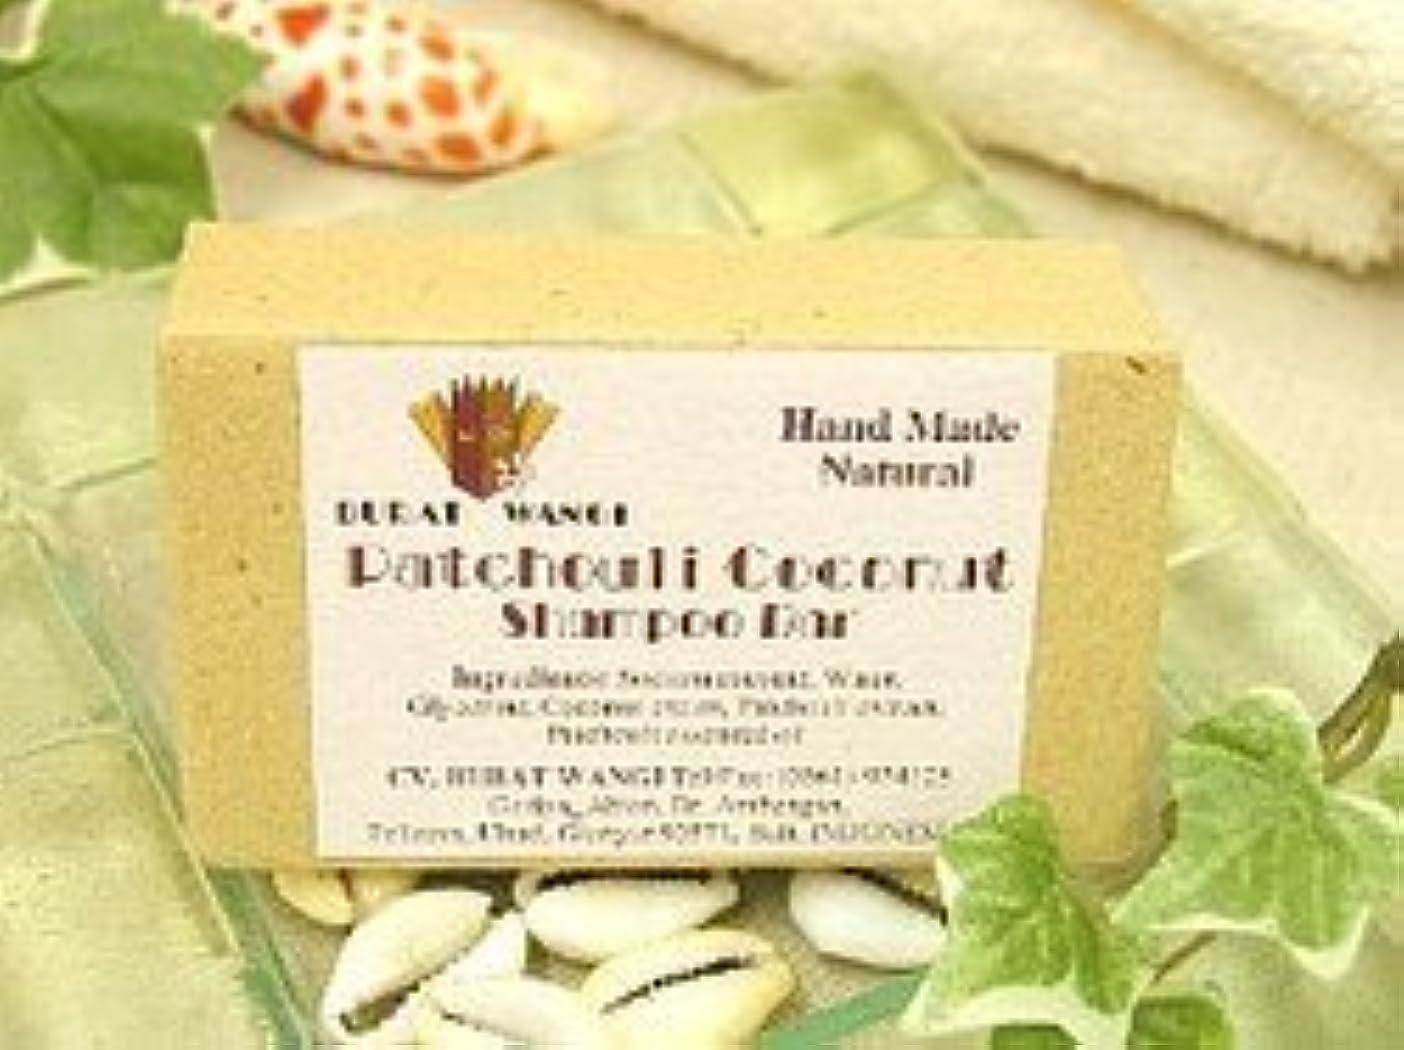 衣類アクティブアフリカ人パチュリー シャンプーバー ブラットワンギ 手作り 純石鹸 アジアン雑貨